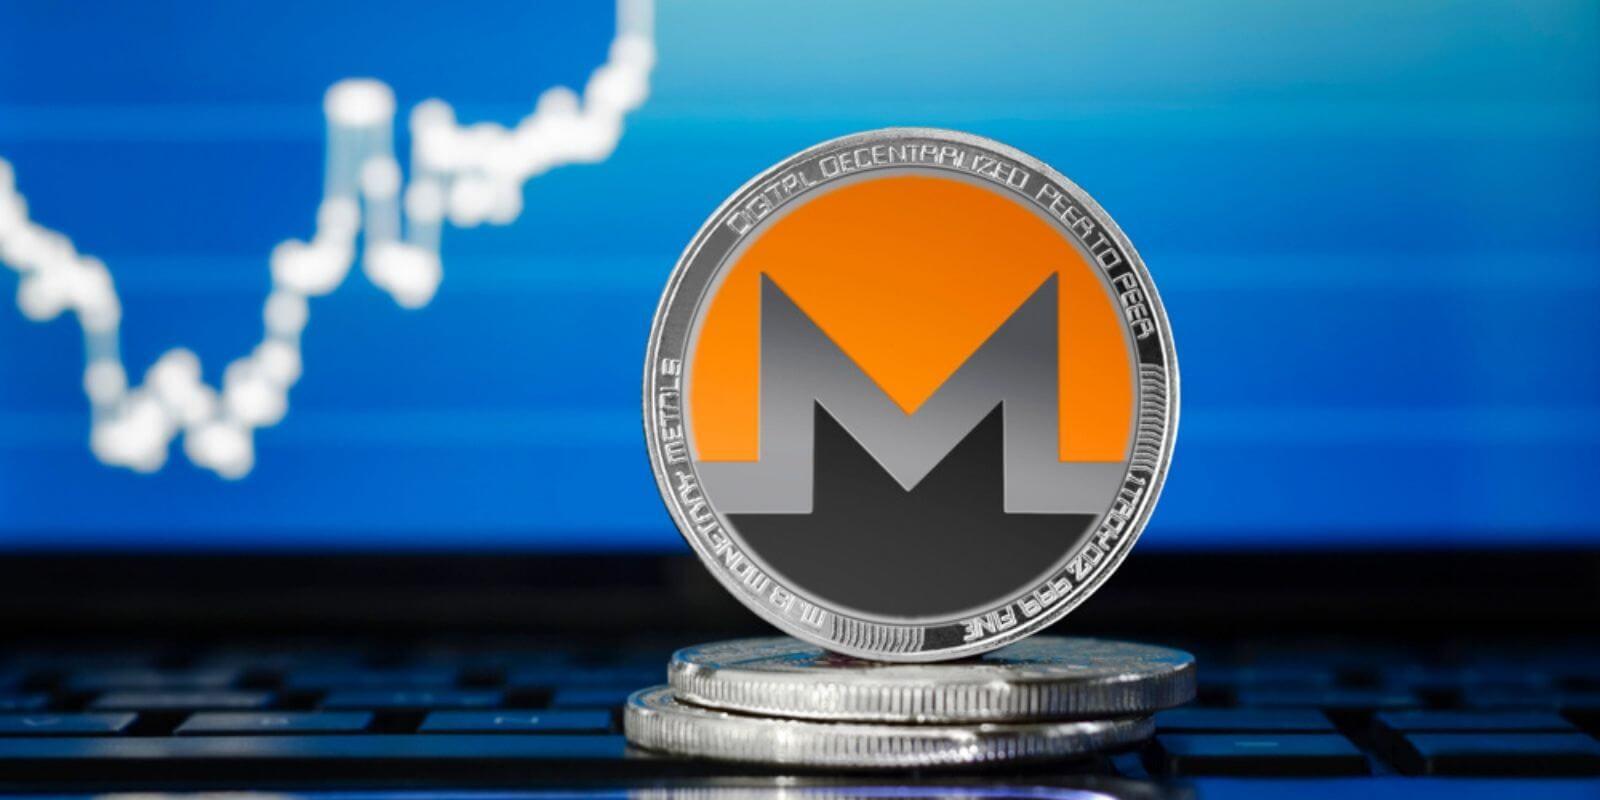 Monero bondit de plusieurs places et intègre le top 10 des cryptos par market cap